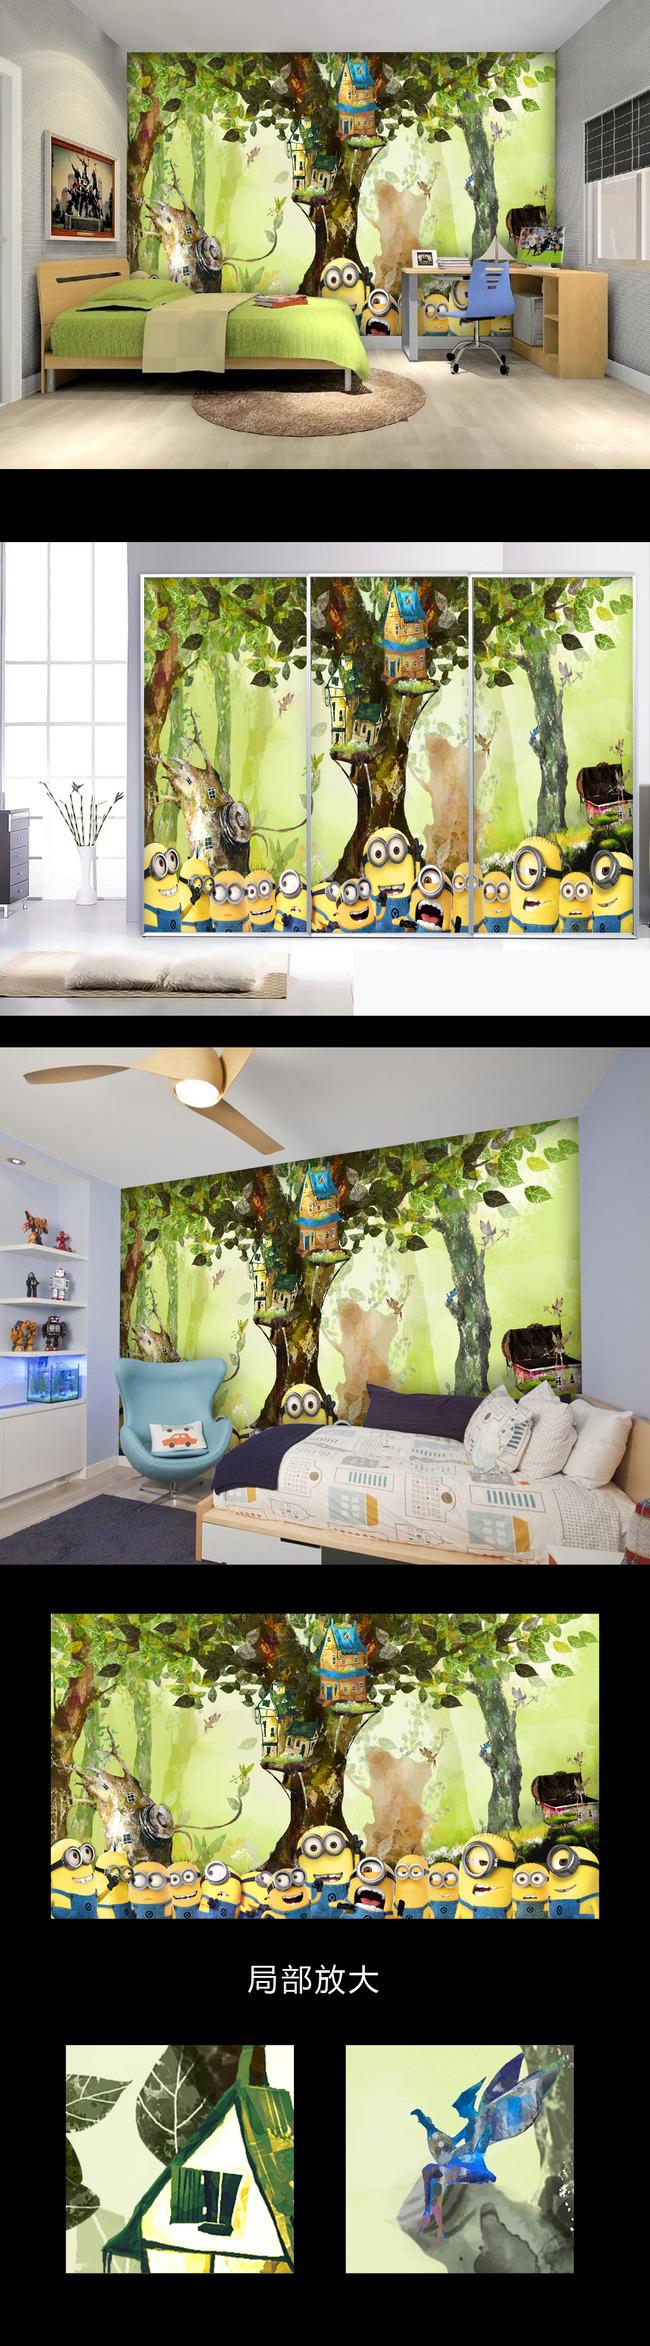 背景墙|装饰画 壁画 手绘壁画 > 卡通森林里的小黄人  中国最大的设计